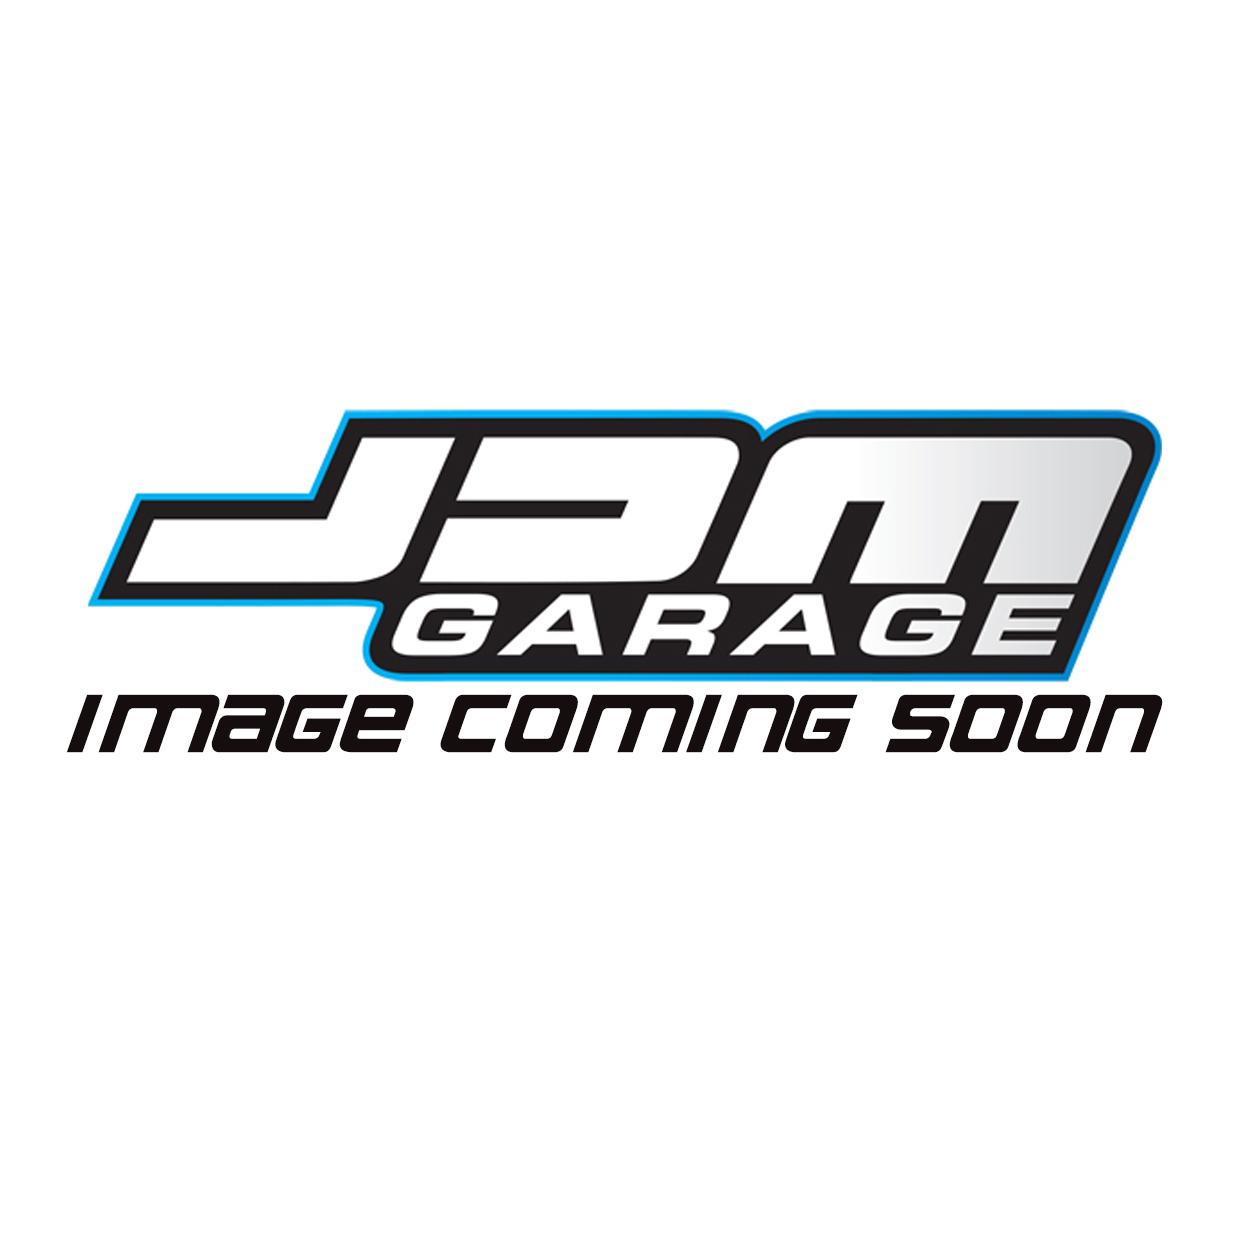 Nissan Genuine OEM Engine Gasket Kit For Silvia S14 200SX / S15 SR20DET 10101-69F28